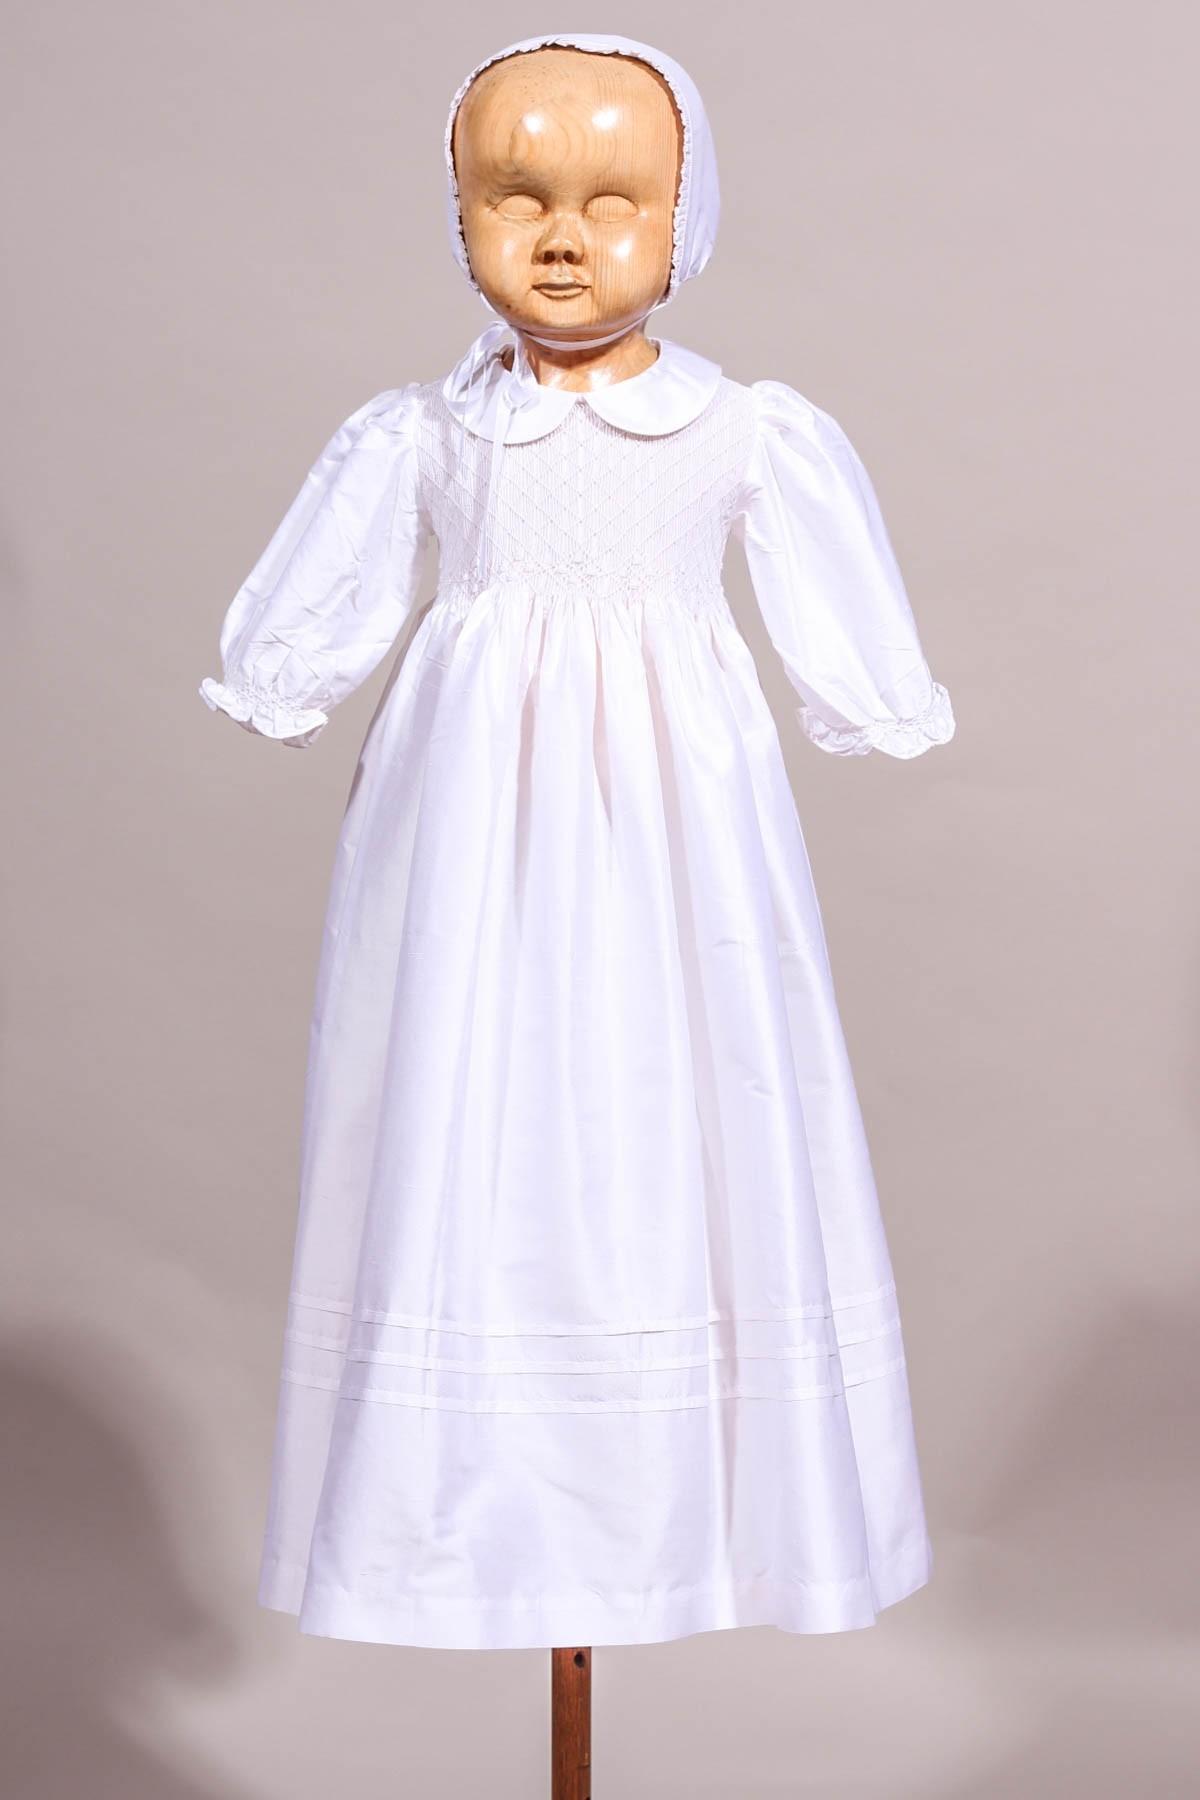 robe de bapteme aubainerie robe de bapteme pour grande fille robe de bapteme fait main. Black Bedroom Furniture Sets. Home Design Ideas